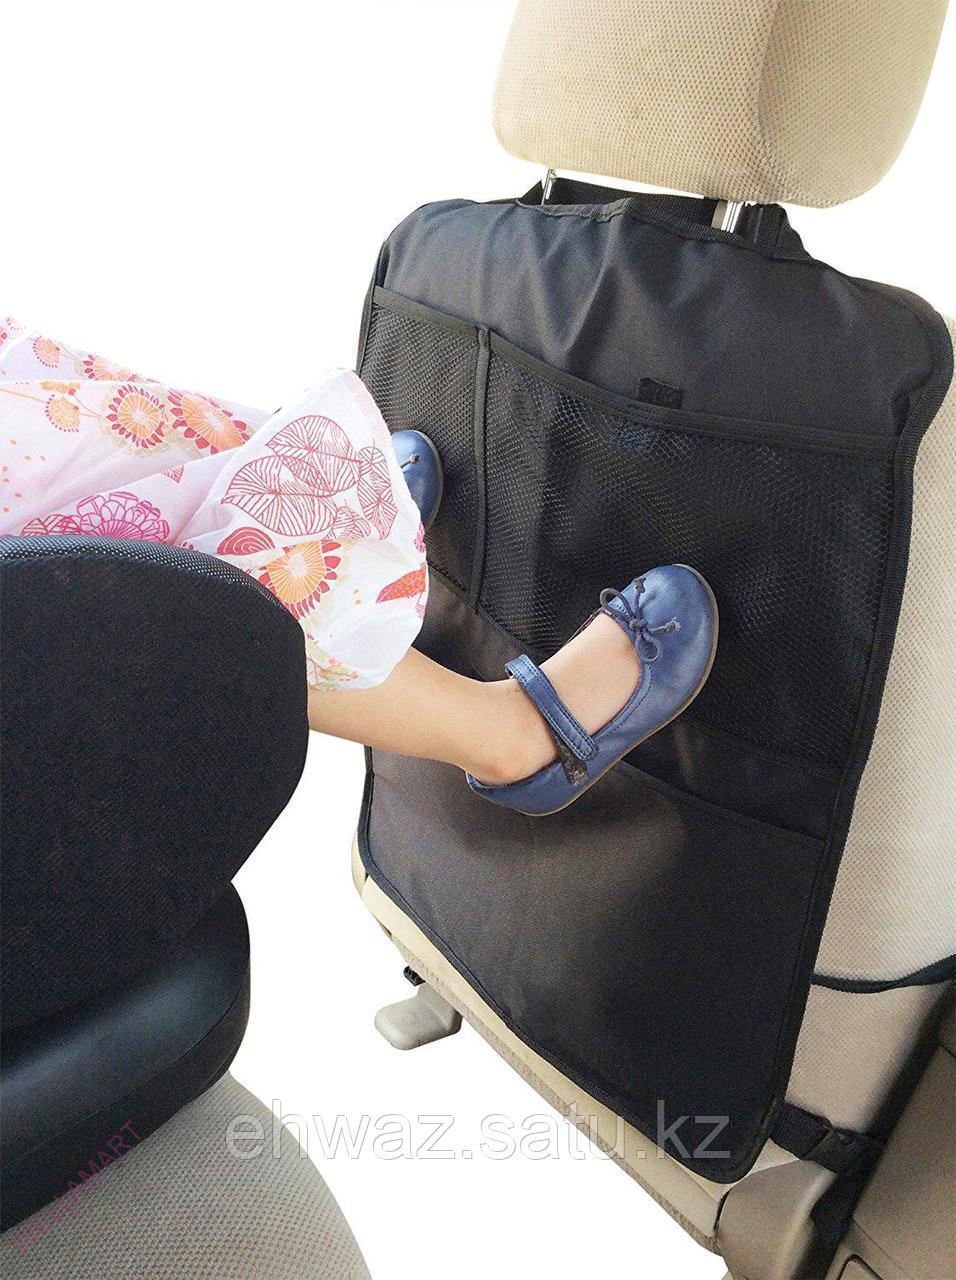 Распродажа. Чехол-накидка на спинку переднего сиденья авто